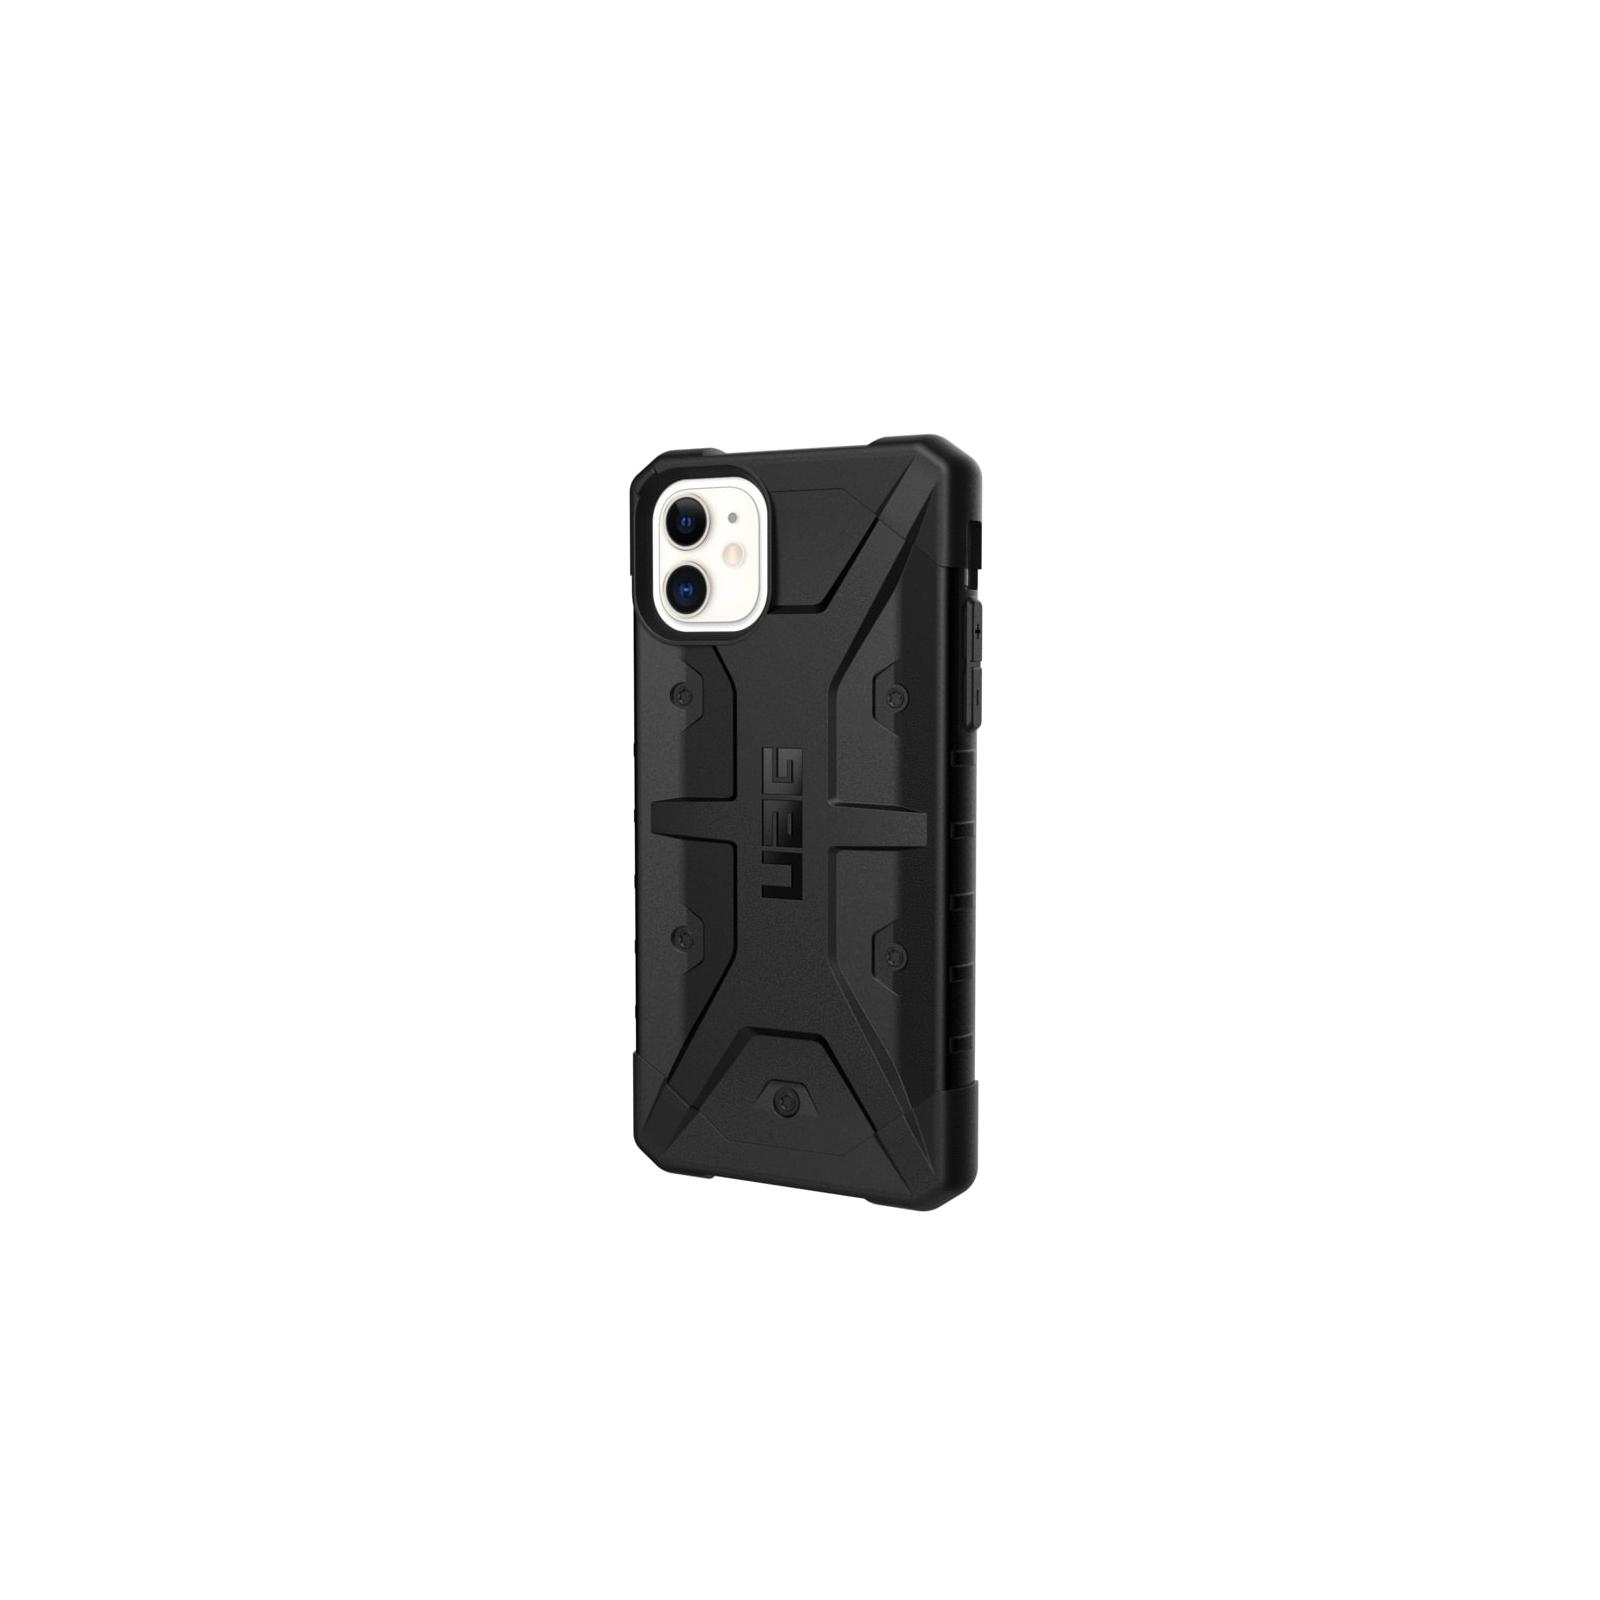 Чехол для моб. телефона Uag iPhone 11 Pathfinder, Black (111717114040) изображение 3